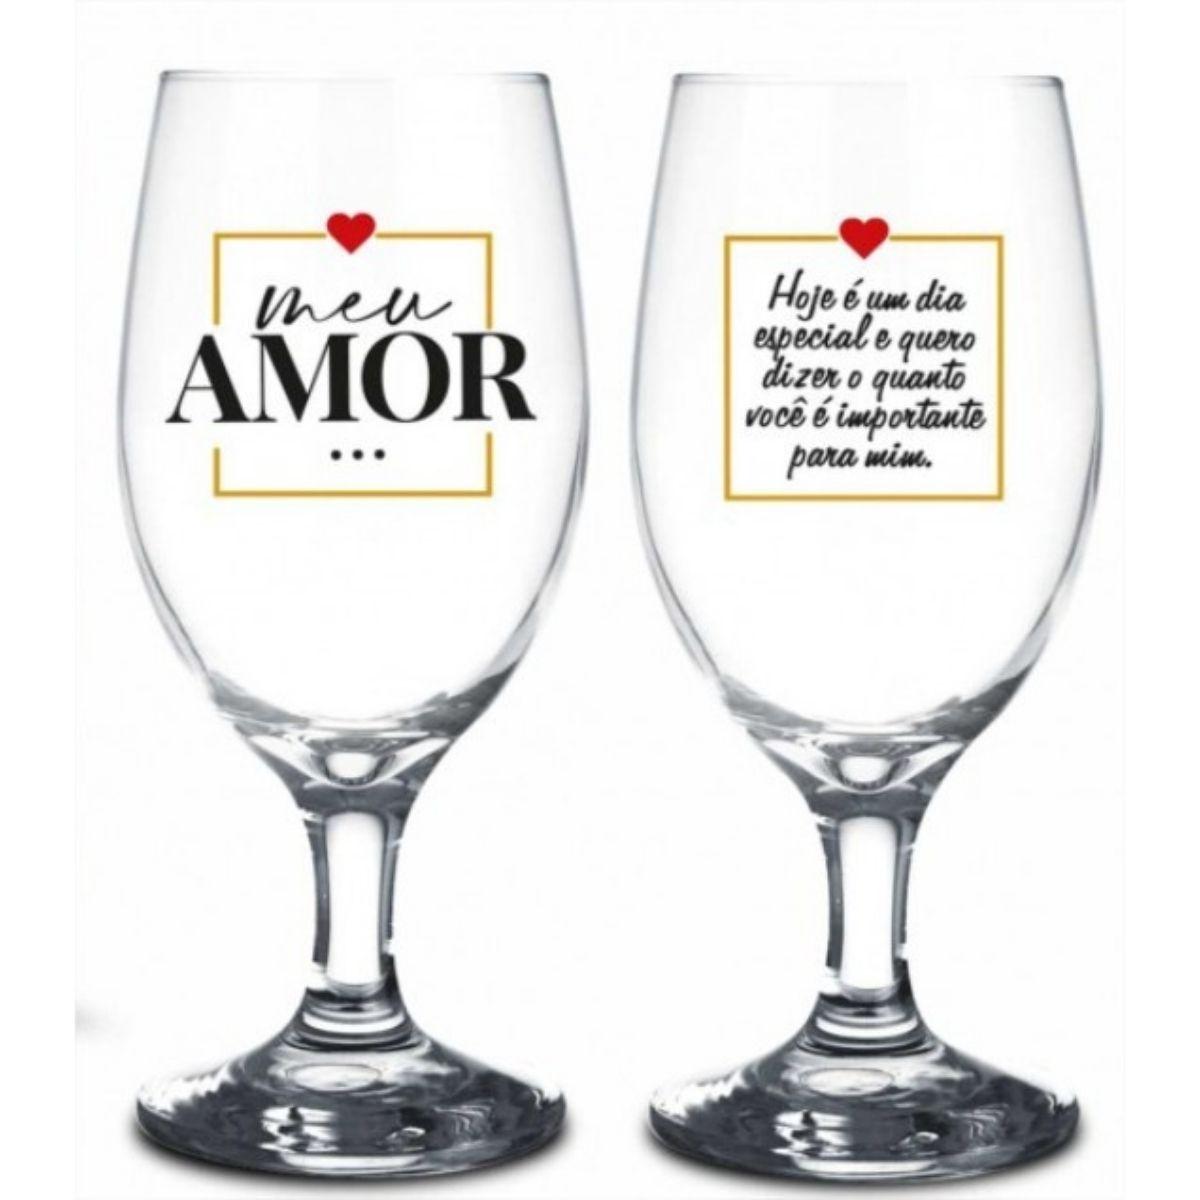 Conjunto 2 Taças Windsor Meu Amor Dia Especial Presente Namorados Brasfoot